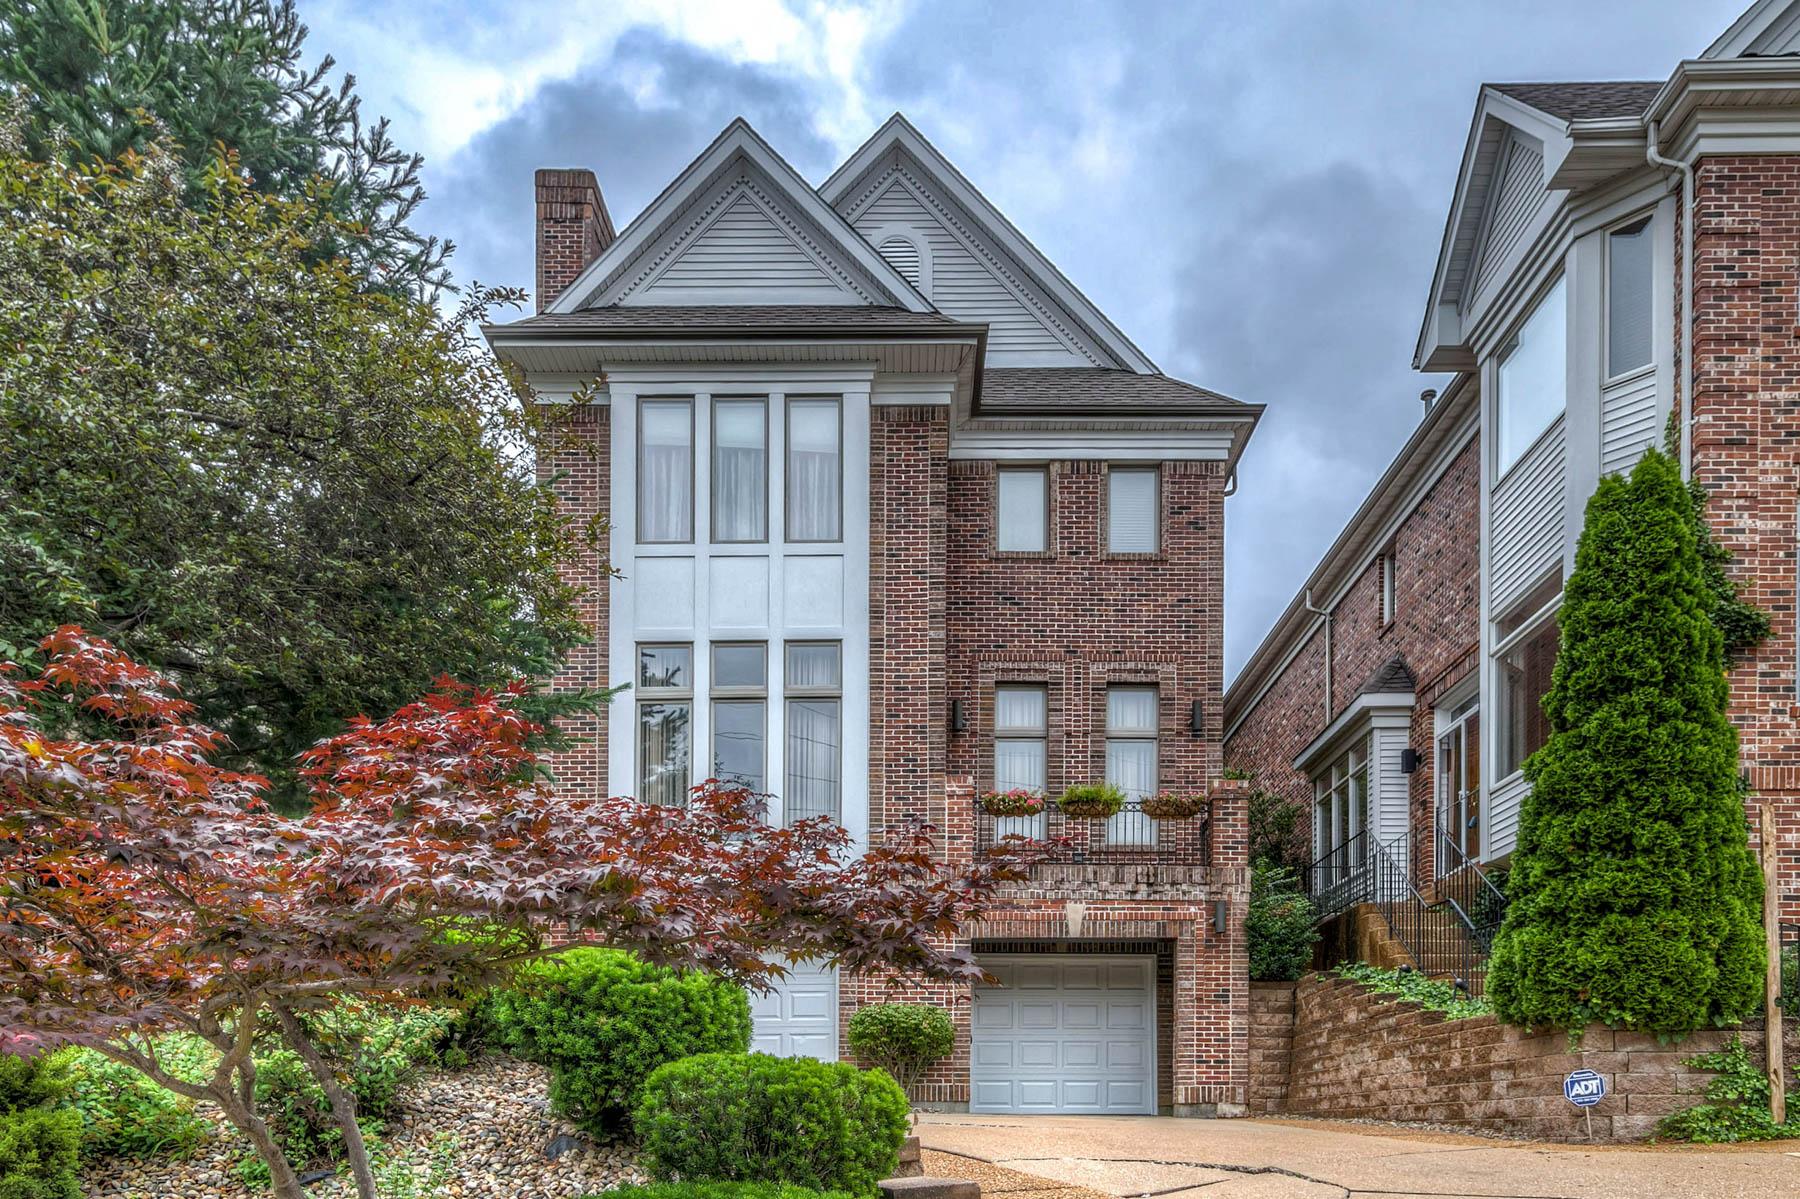 獨棟家庭住宅 為 出售 在 Meramec Ave 350 N Meramec Ave Clayton, 密蘇里州 63105 美國